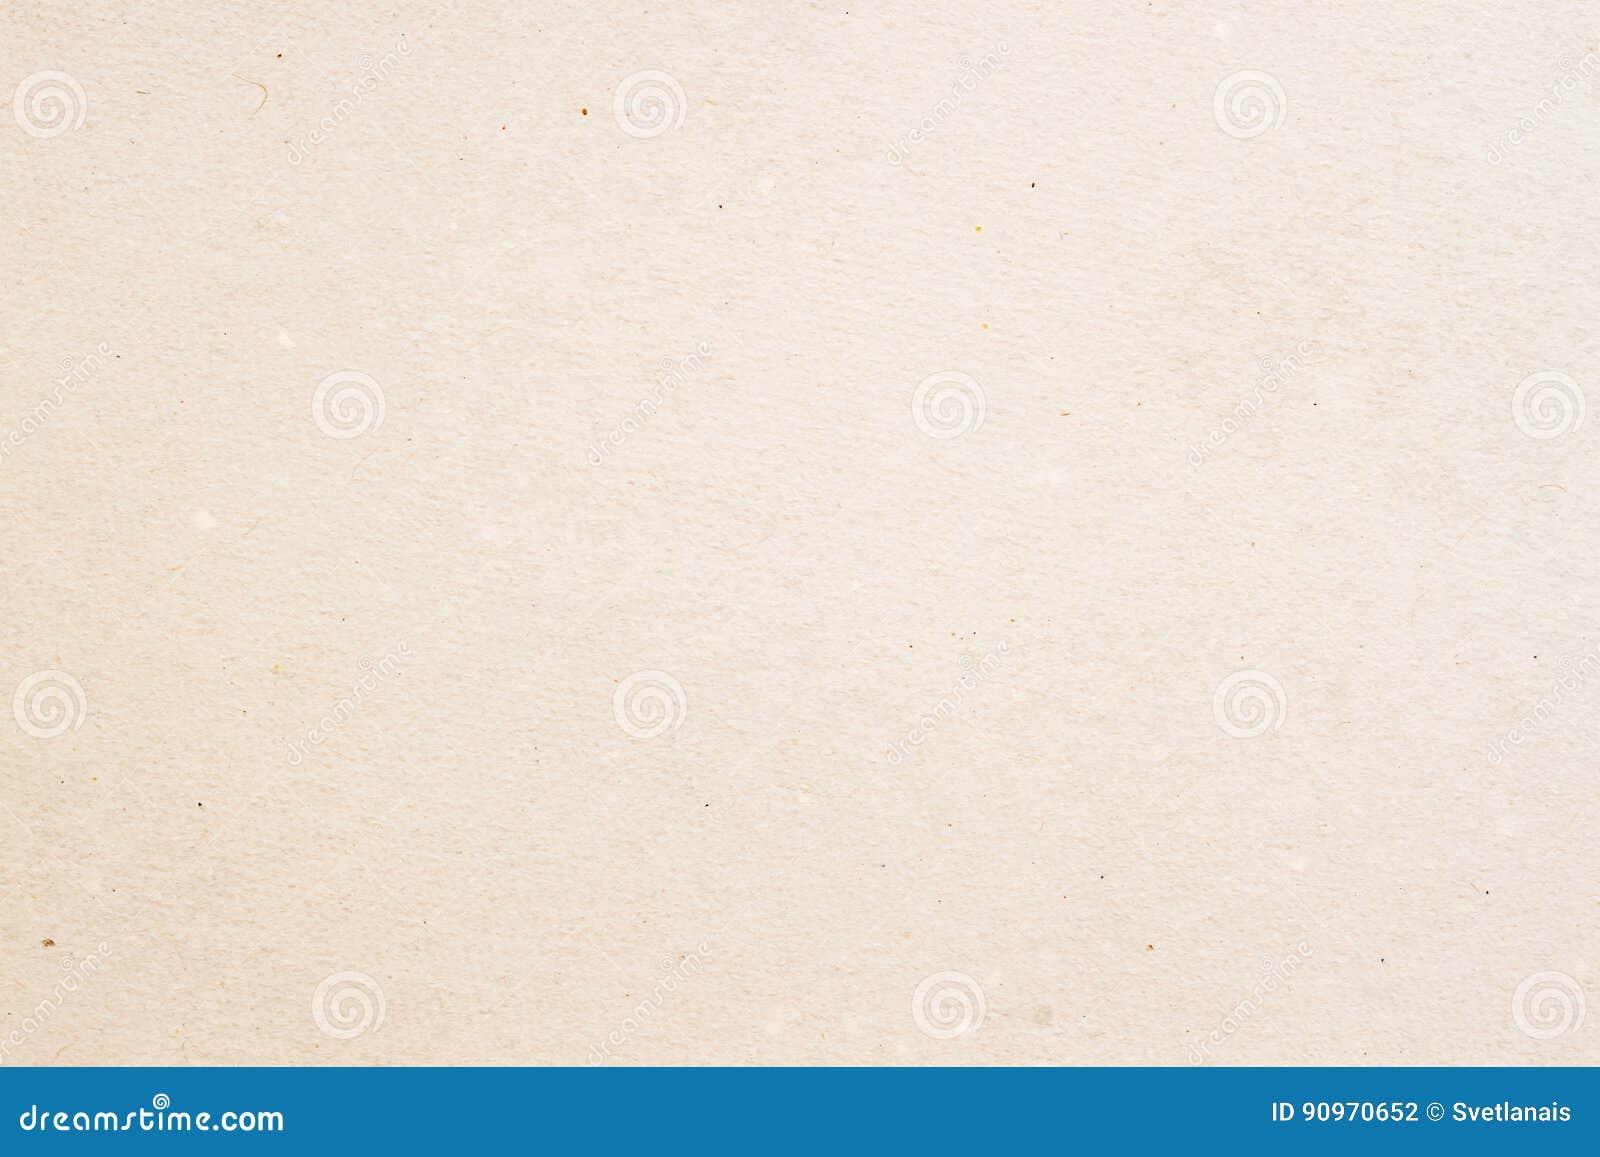 Beschaffenheit des alten organischen Papiers der hellen Creme, Hintergrund für Design mit Kopienraumtext oder Bild Wertstoff